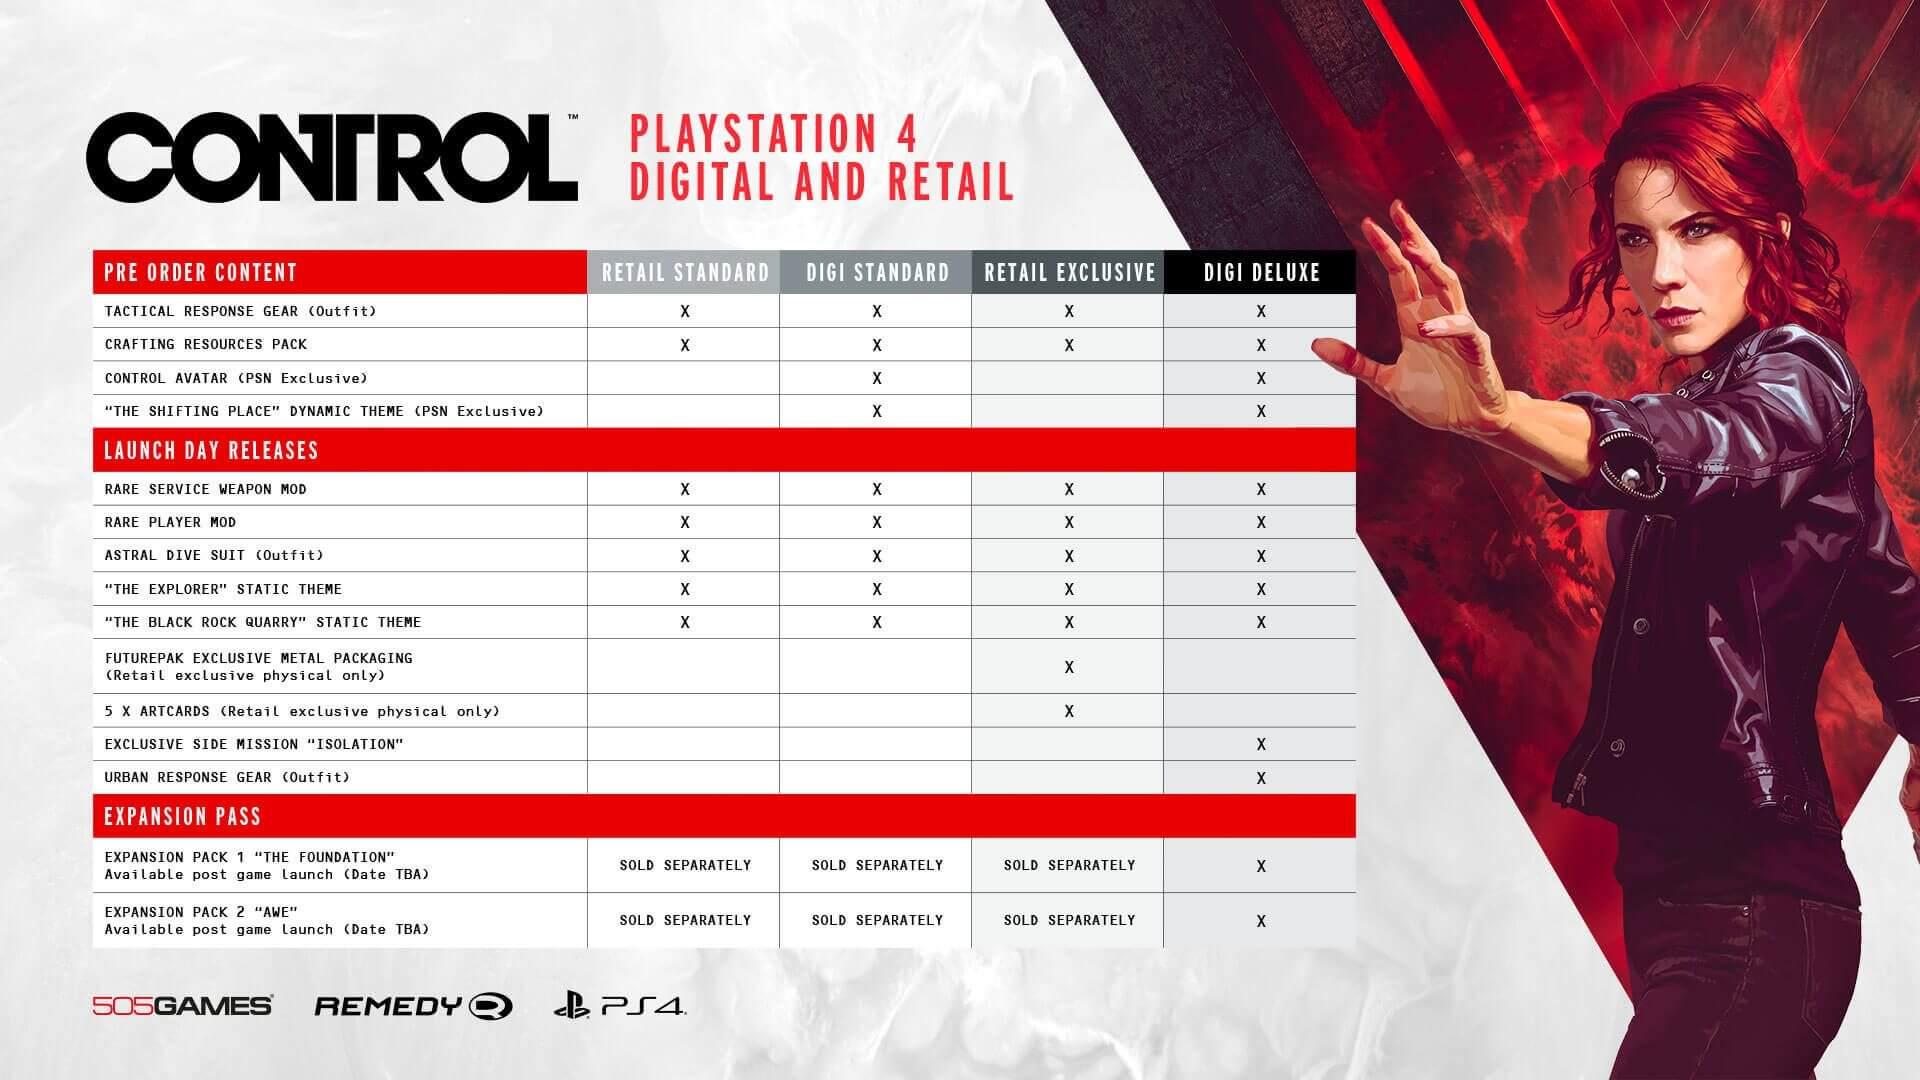 Control - PS4 versions